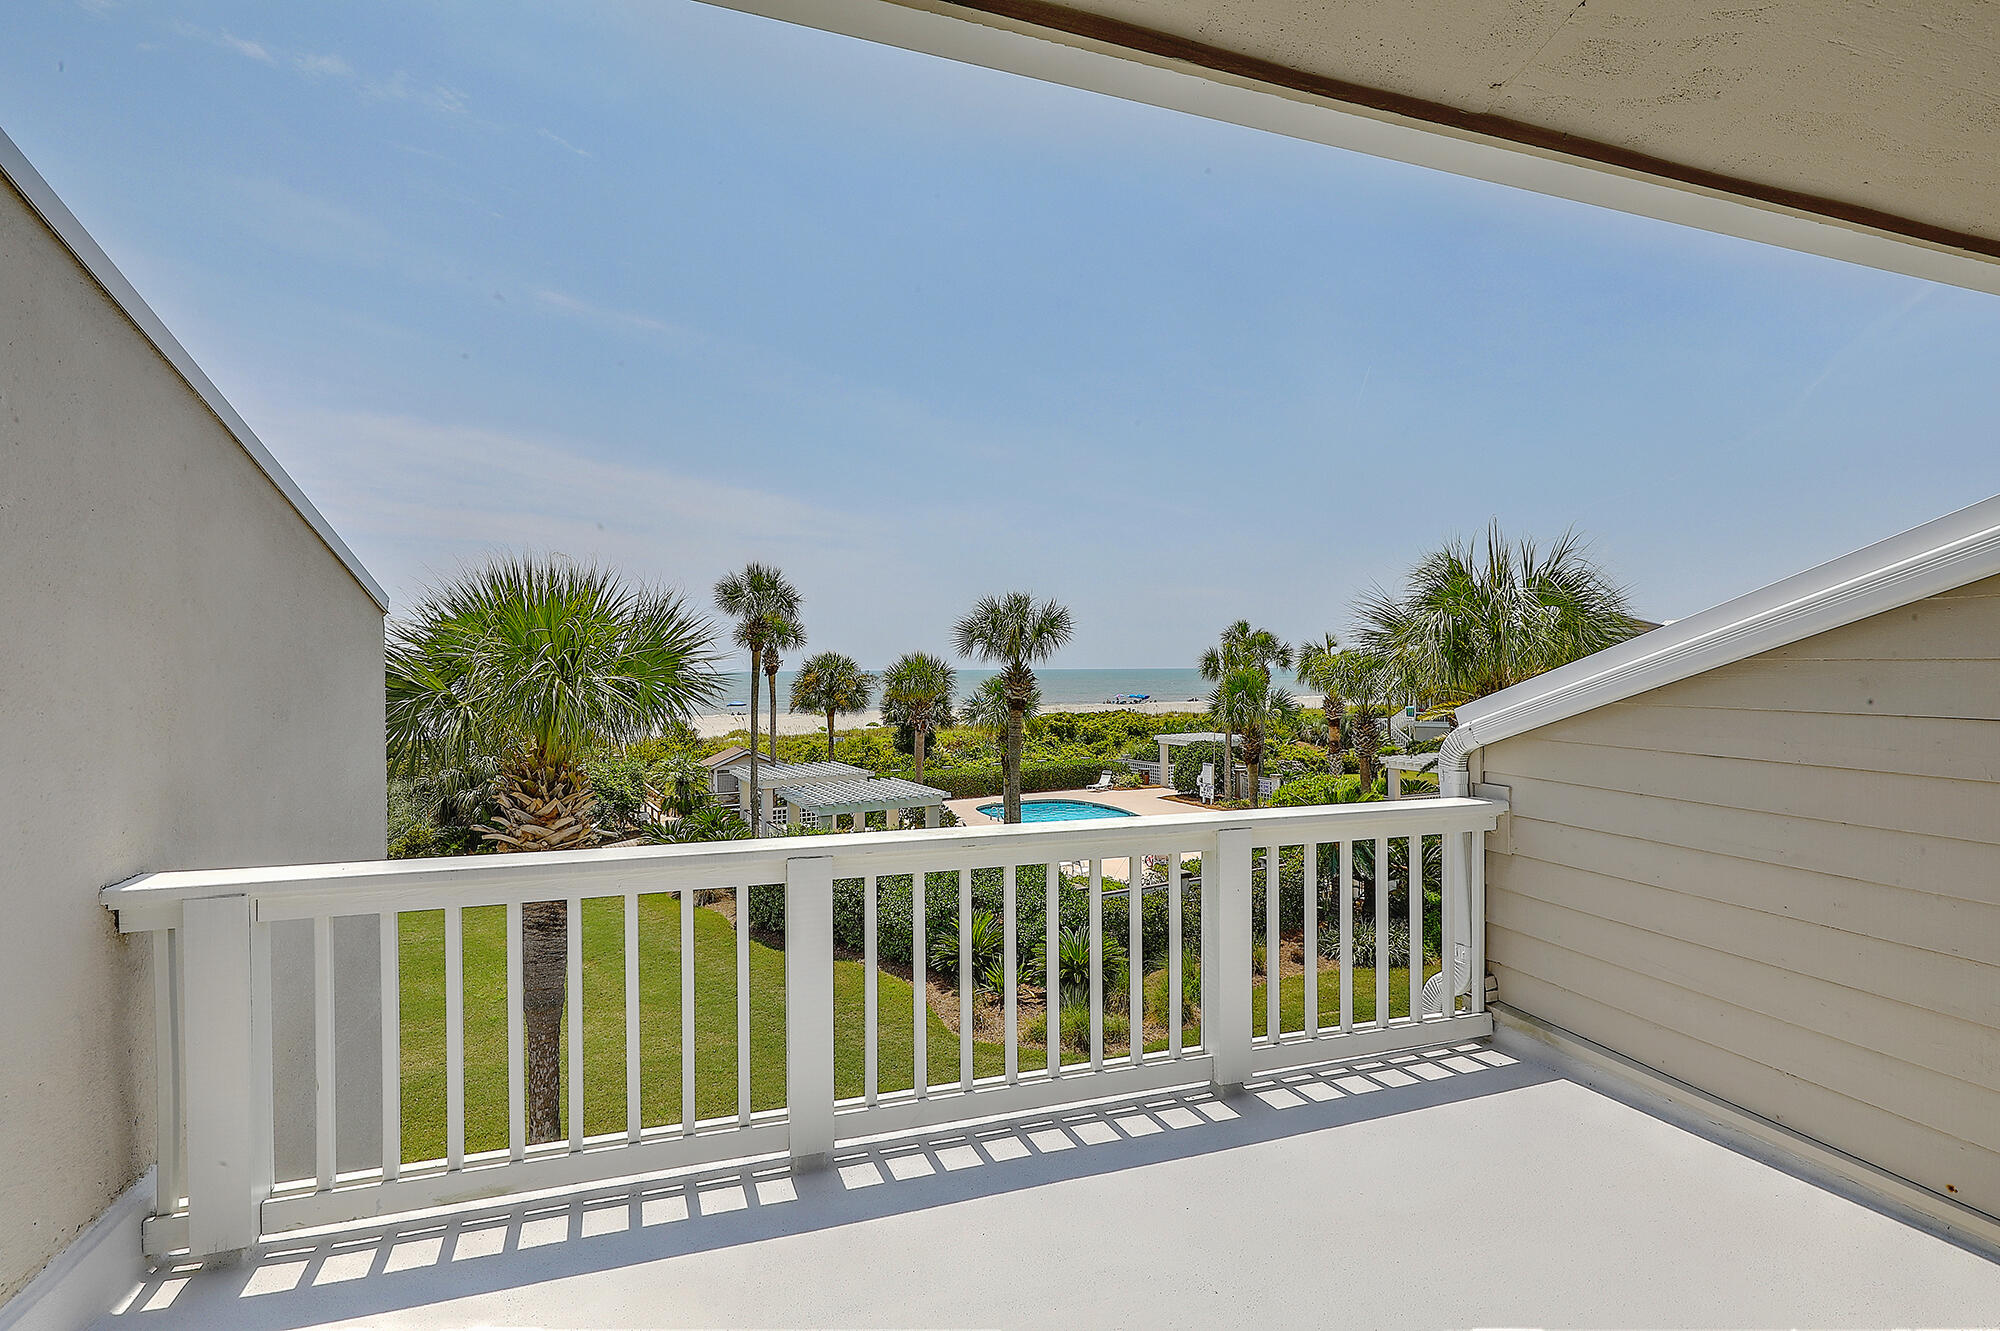 Beach Club Villas Homes For Sale - 15 Beach Club Villas, Isle of Palms, SC - 19